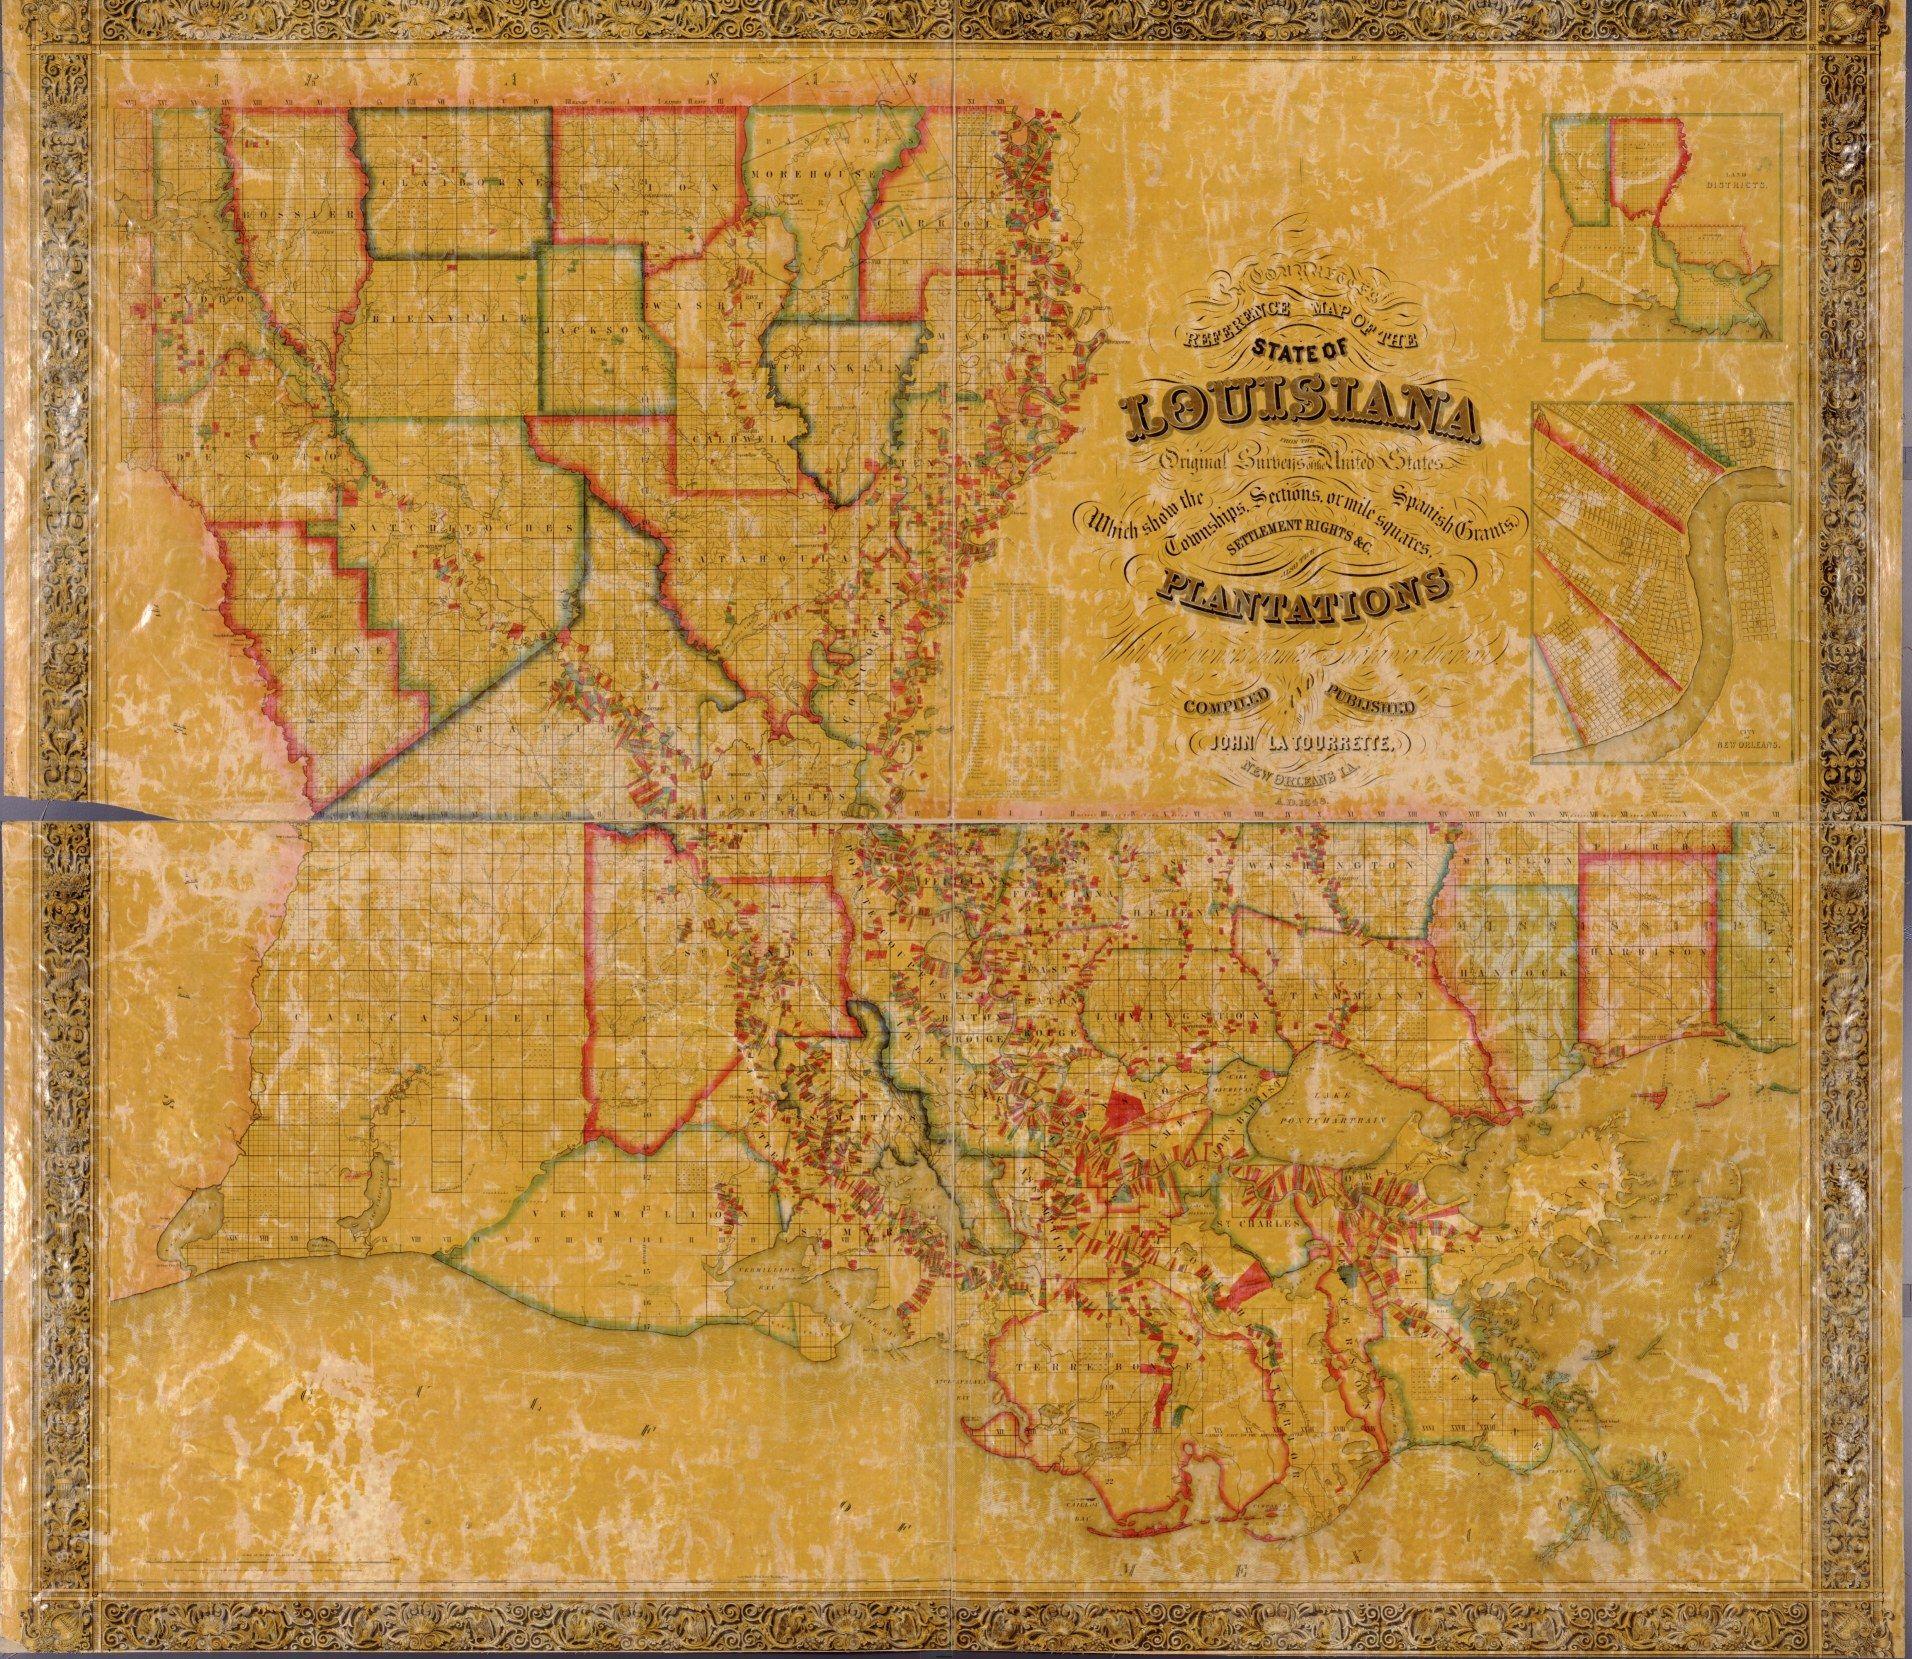 Louisiana Plantation Map House Of History LLCFamily - Historic maps louisiana